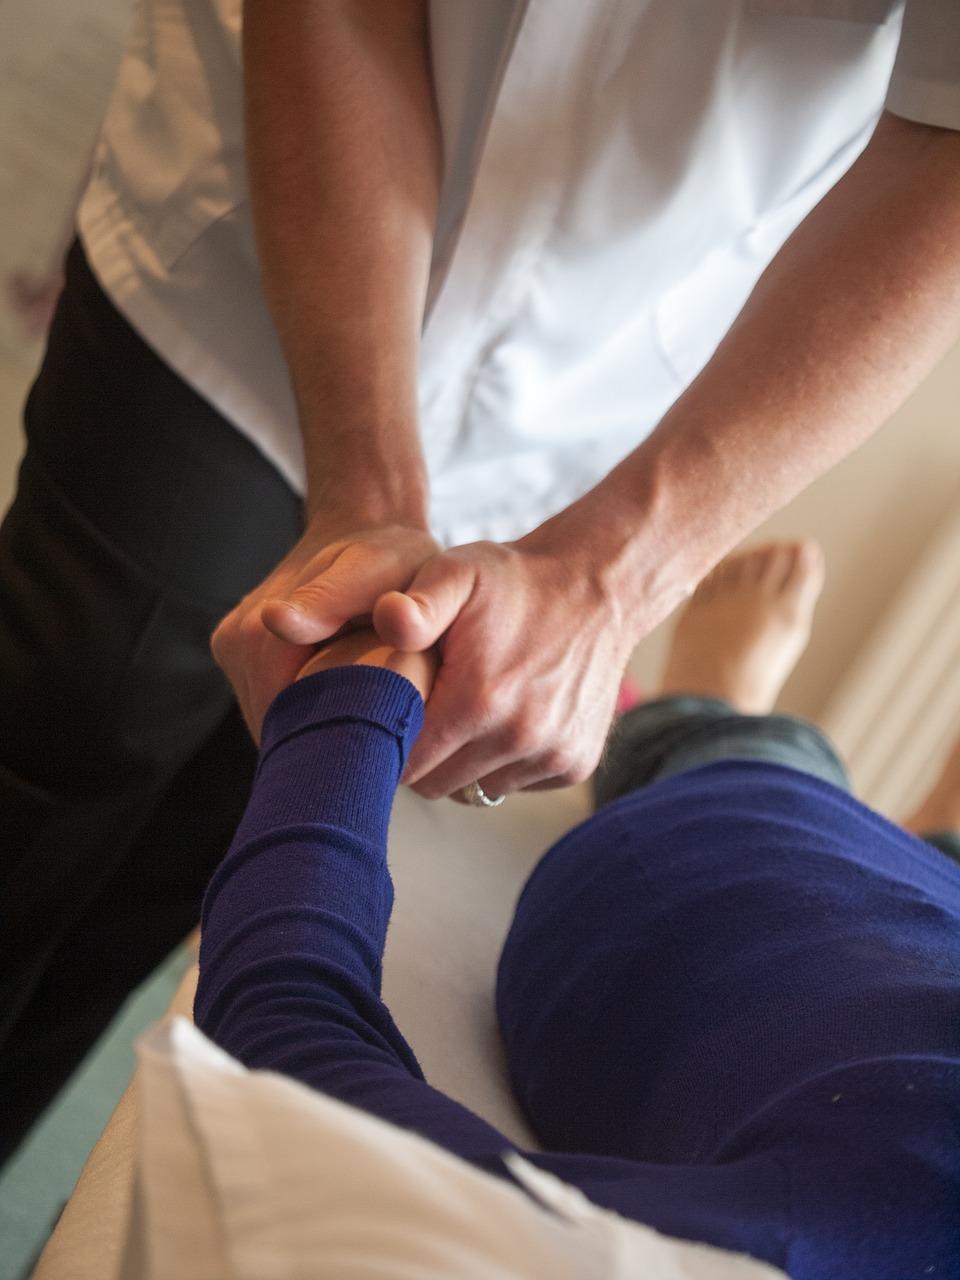 片頭痛はカイロプラクティックで治療?偽手技が示すプラセボ効果